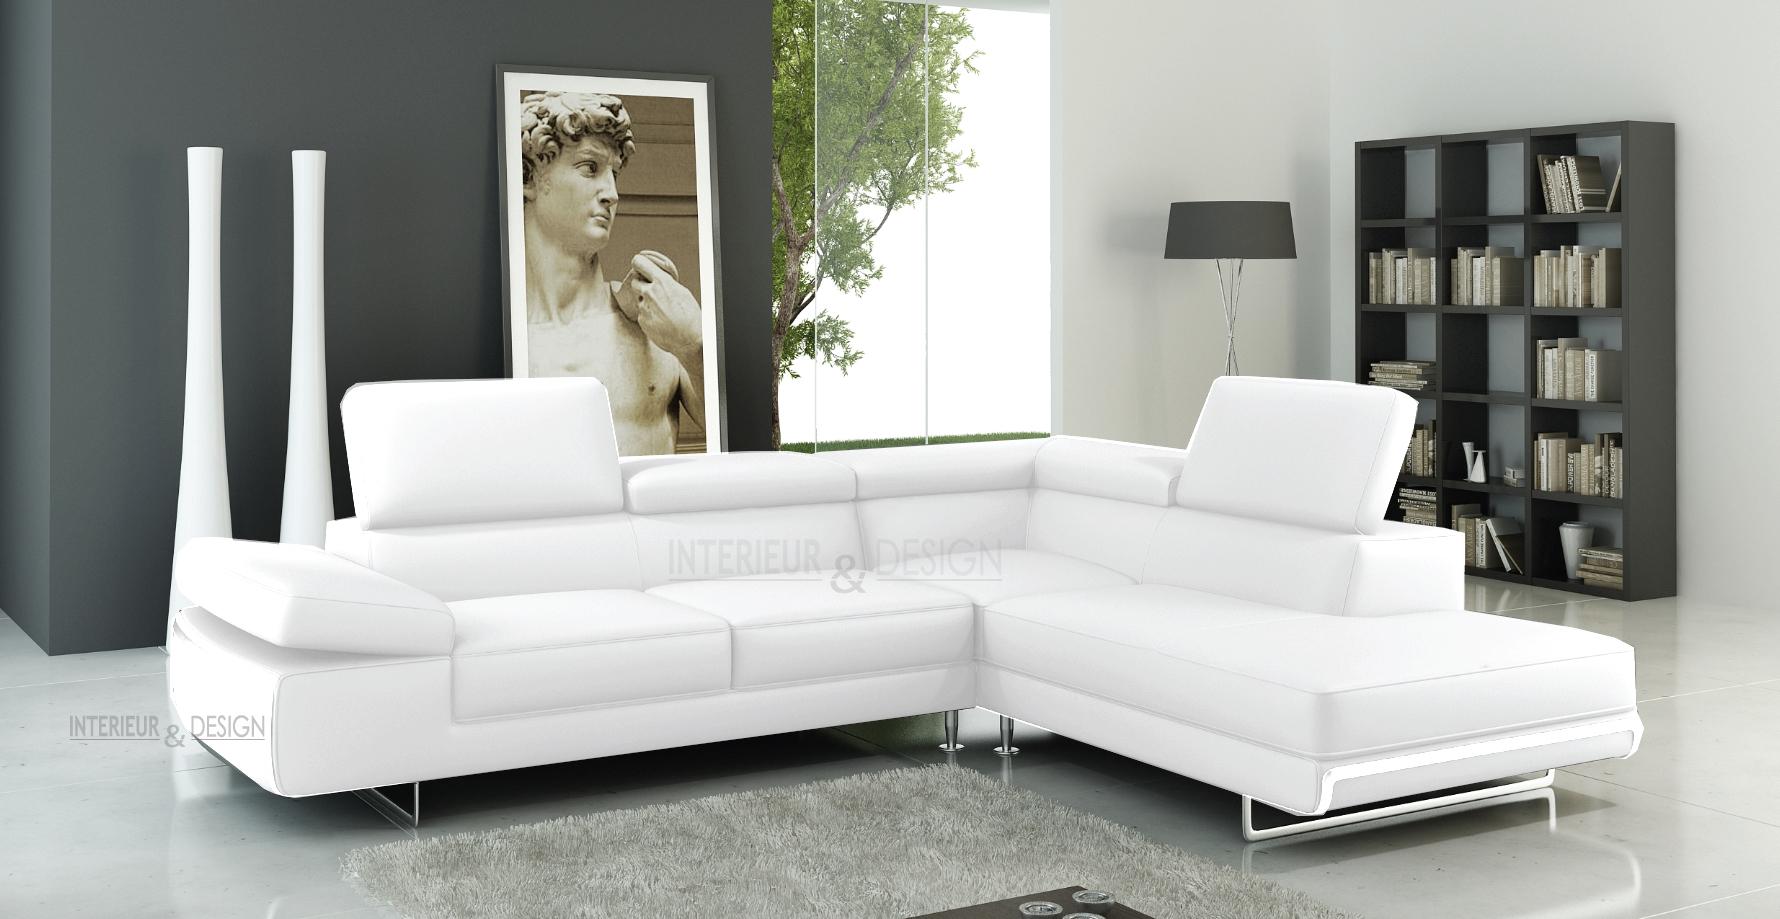 Canapé D'angle Guci En Cuir Haut De Gamme Italien Vachette Vénésetti concernant Canape Cuir Blanc